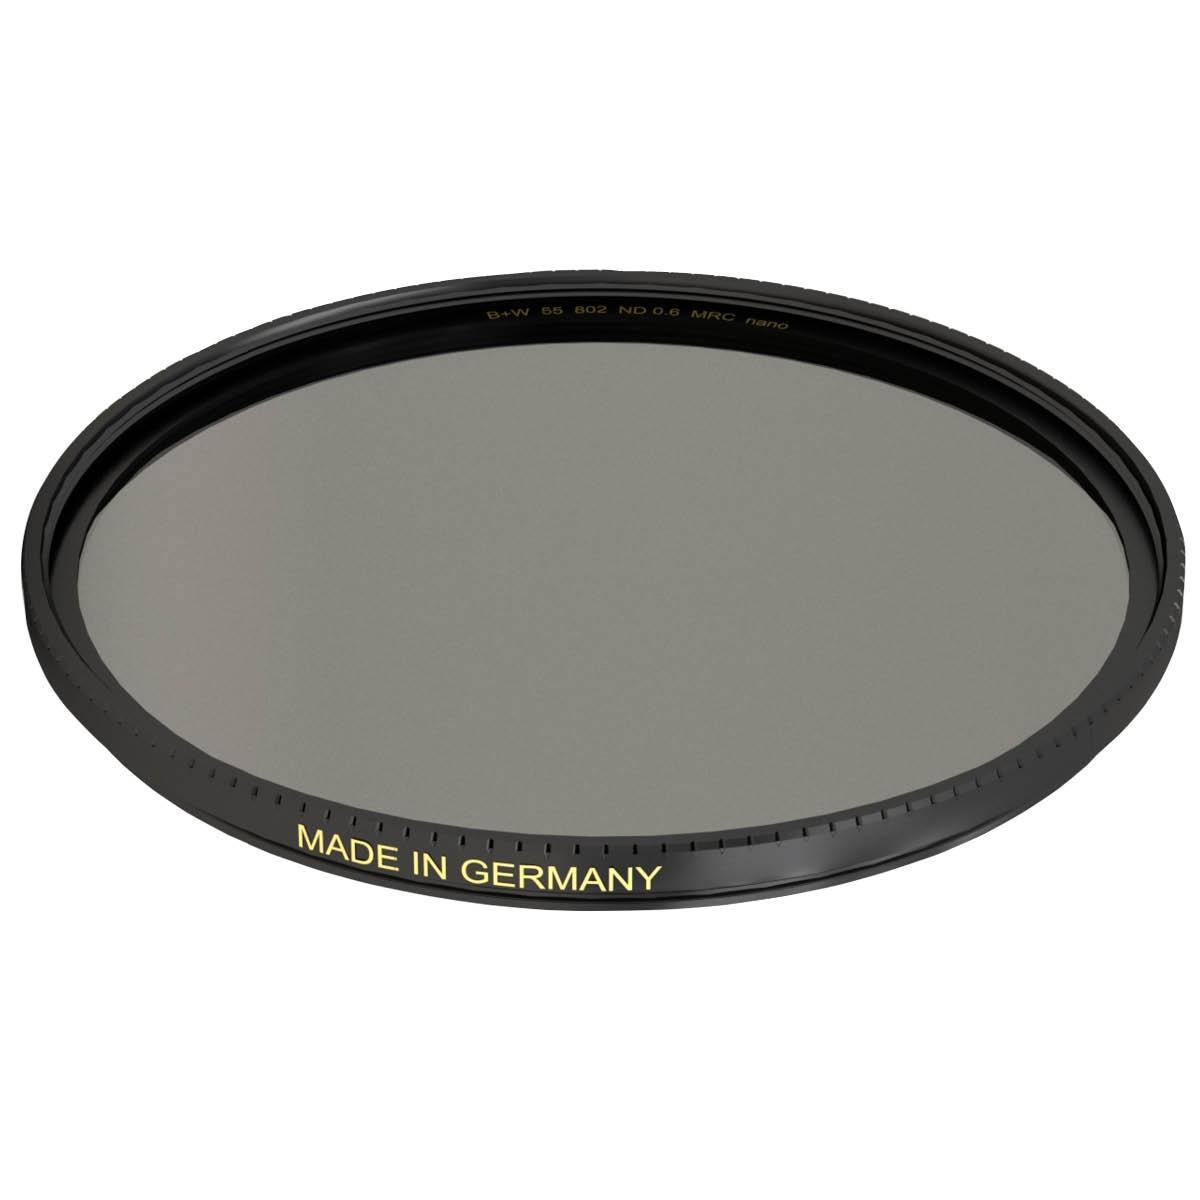 B+W Graufilter 62 mm XS-Pro +2